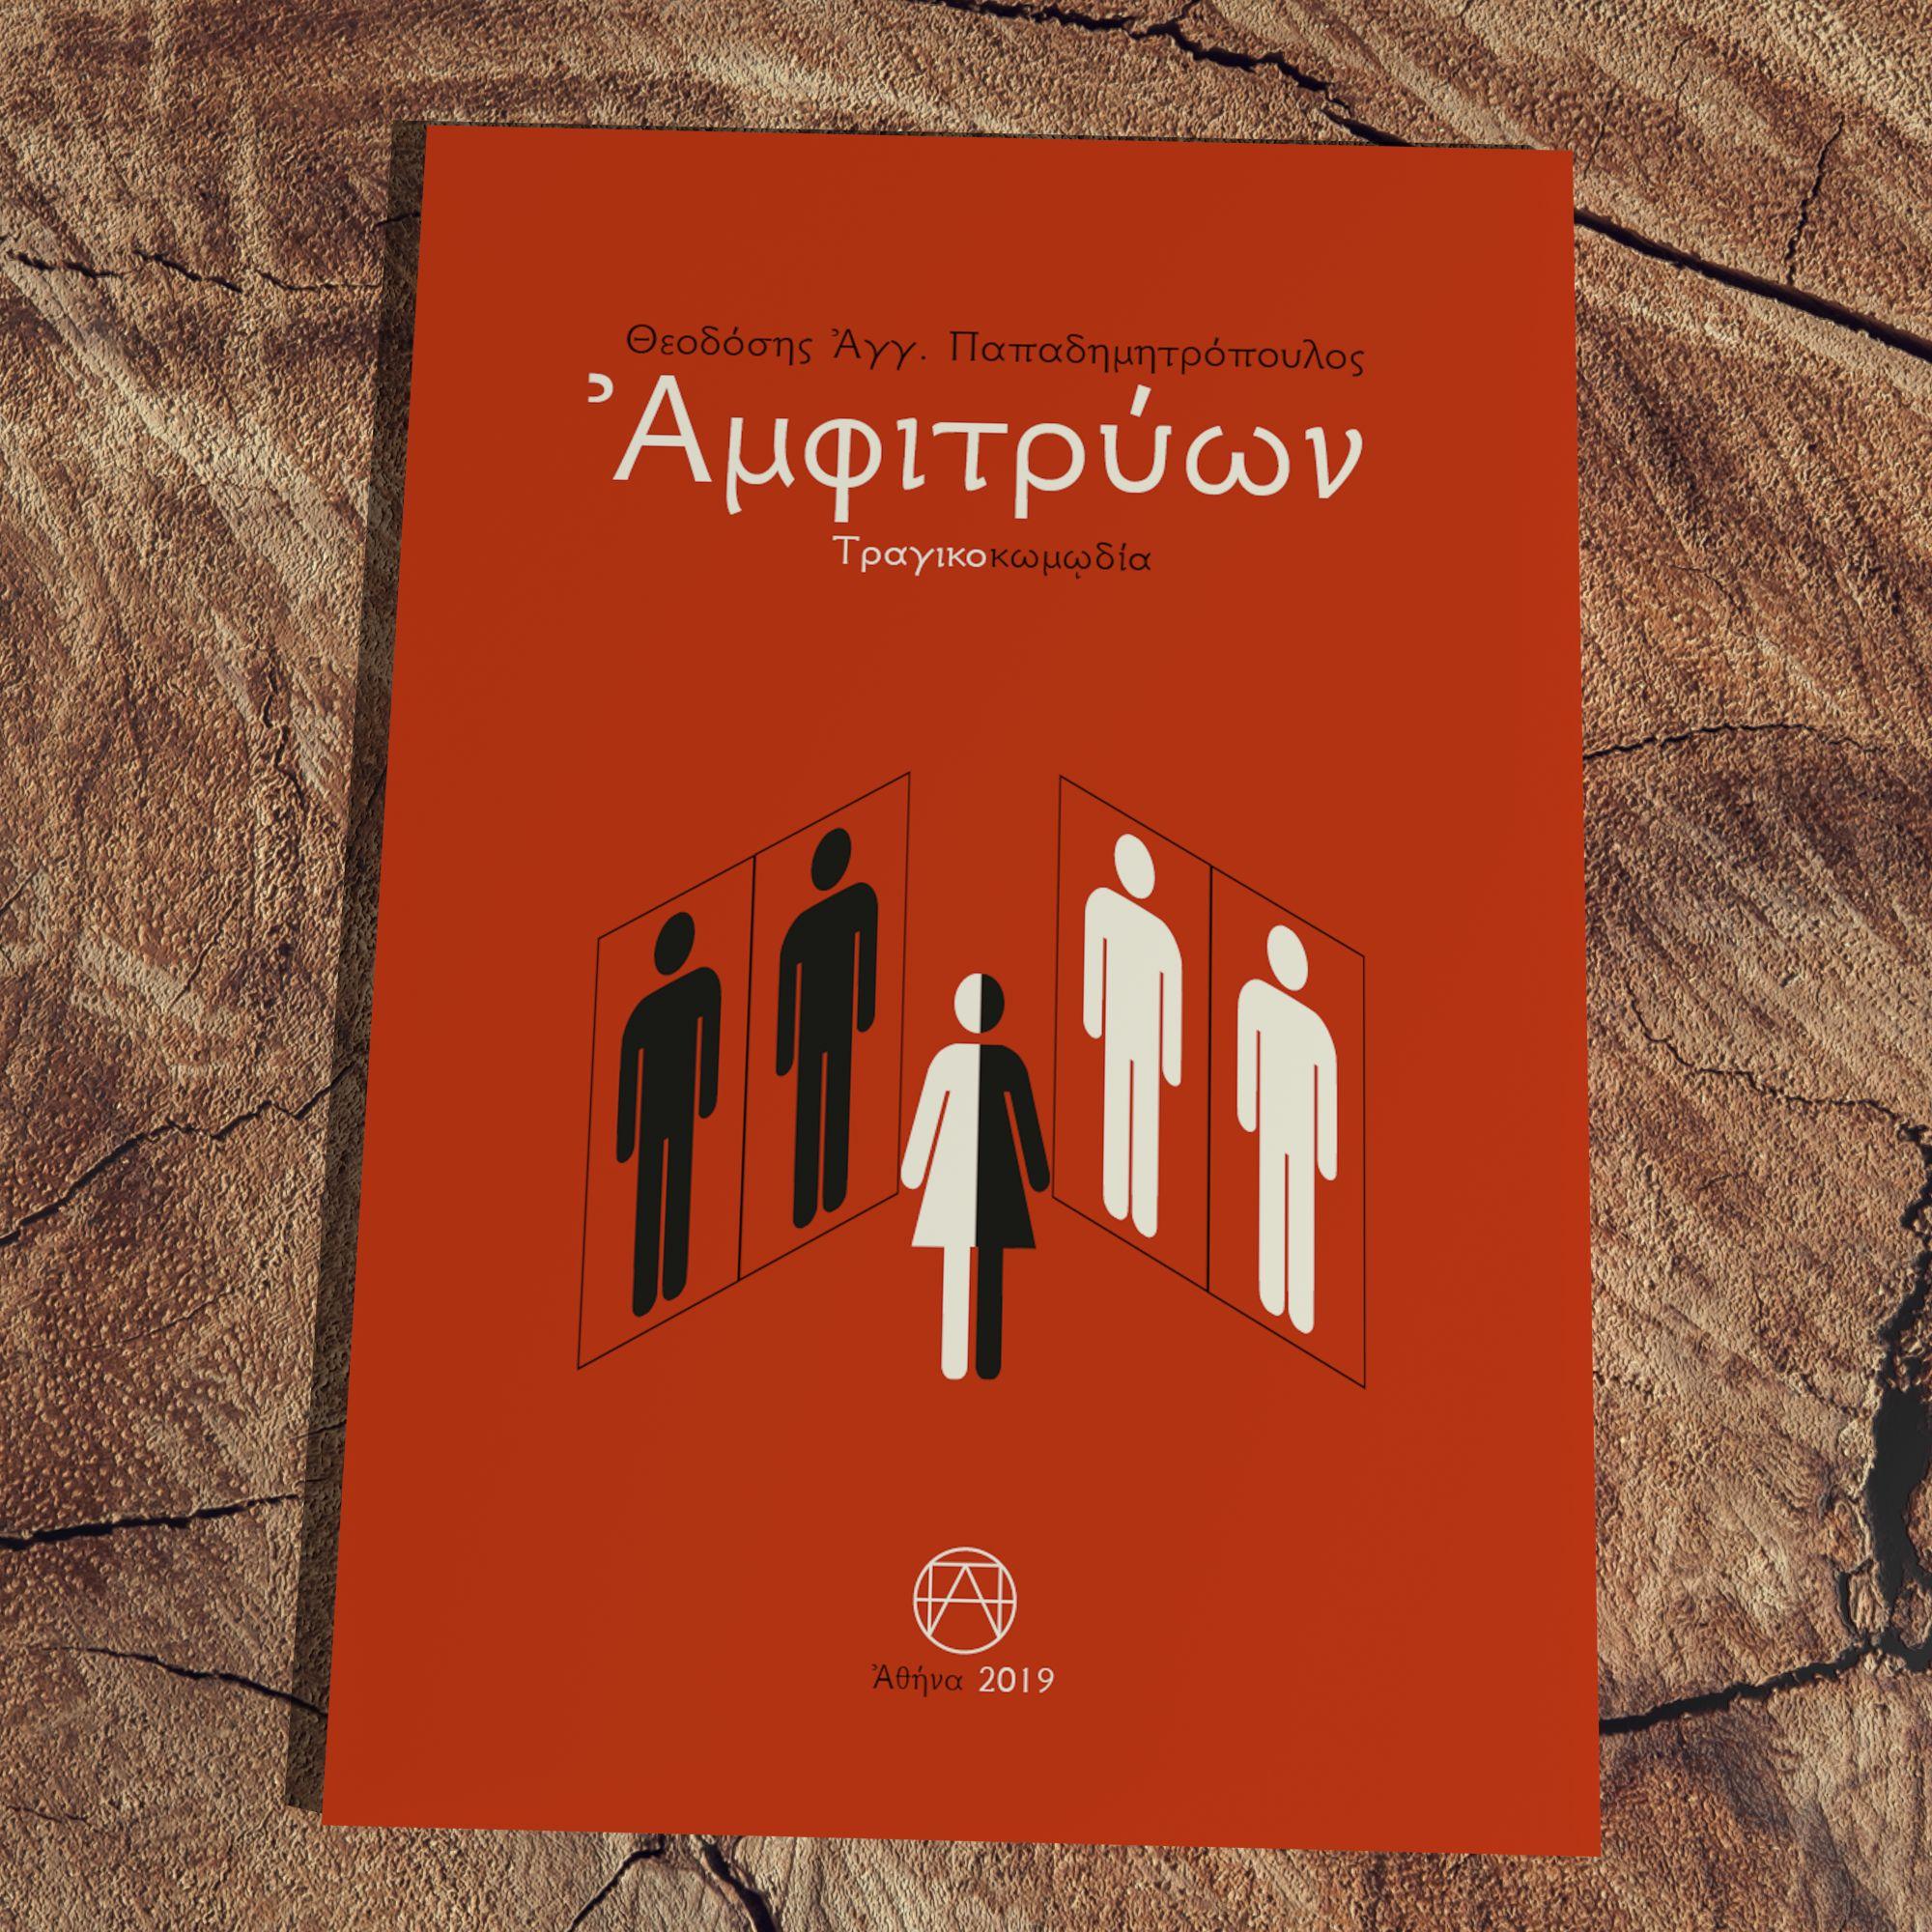 αμφιτρύων-θεοδόσης-αγγ-παπαδημητρόπουλος